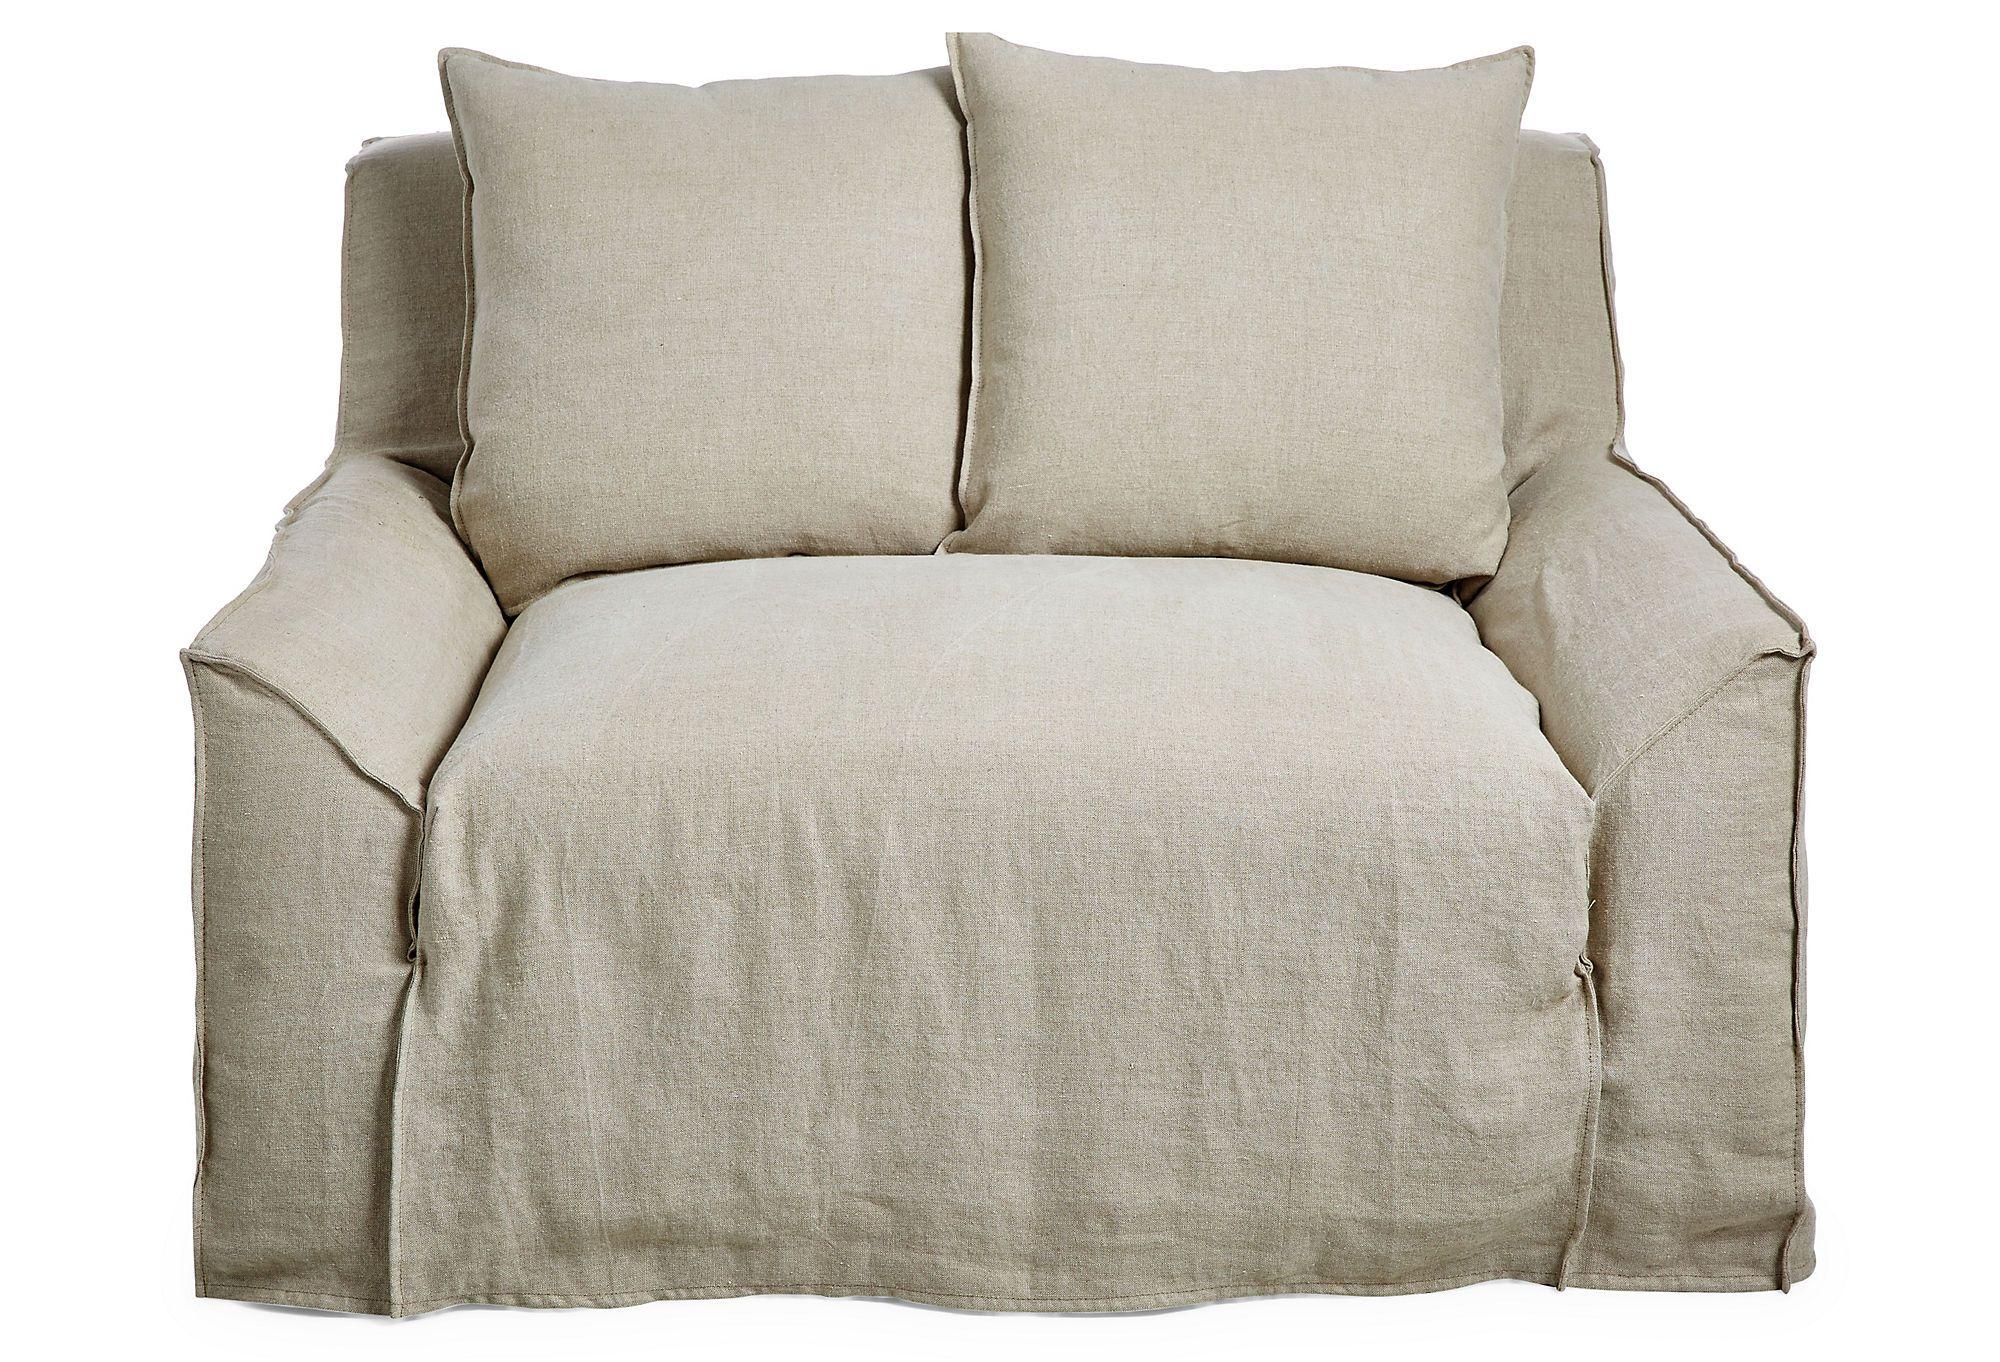 Oaji Slipcover Chair And A Half Oatmeal Slipcovers For Chairs Chair And A Half Slipcovers